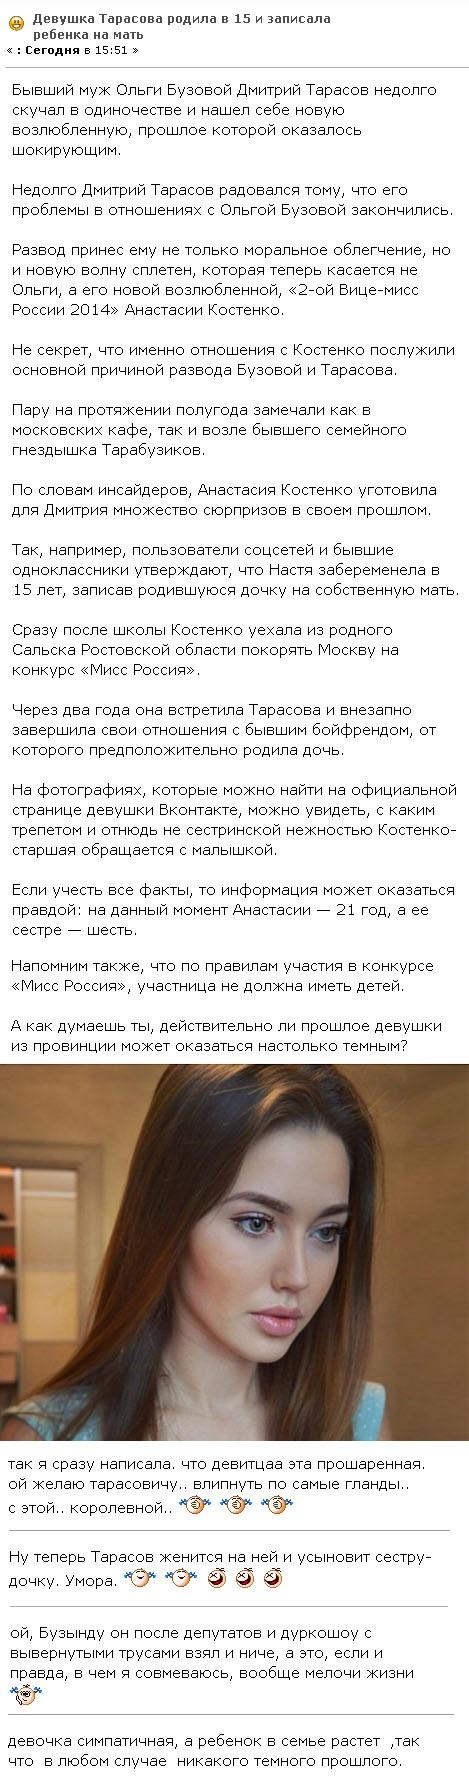 Компромат на любовницу Дмитрия Тарасова